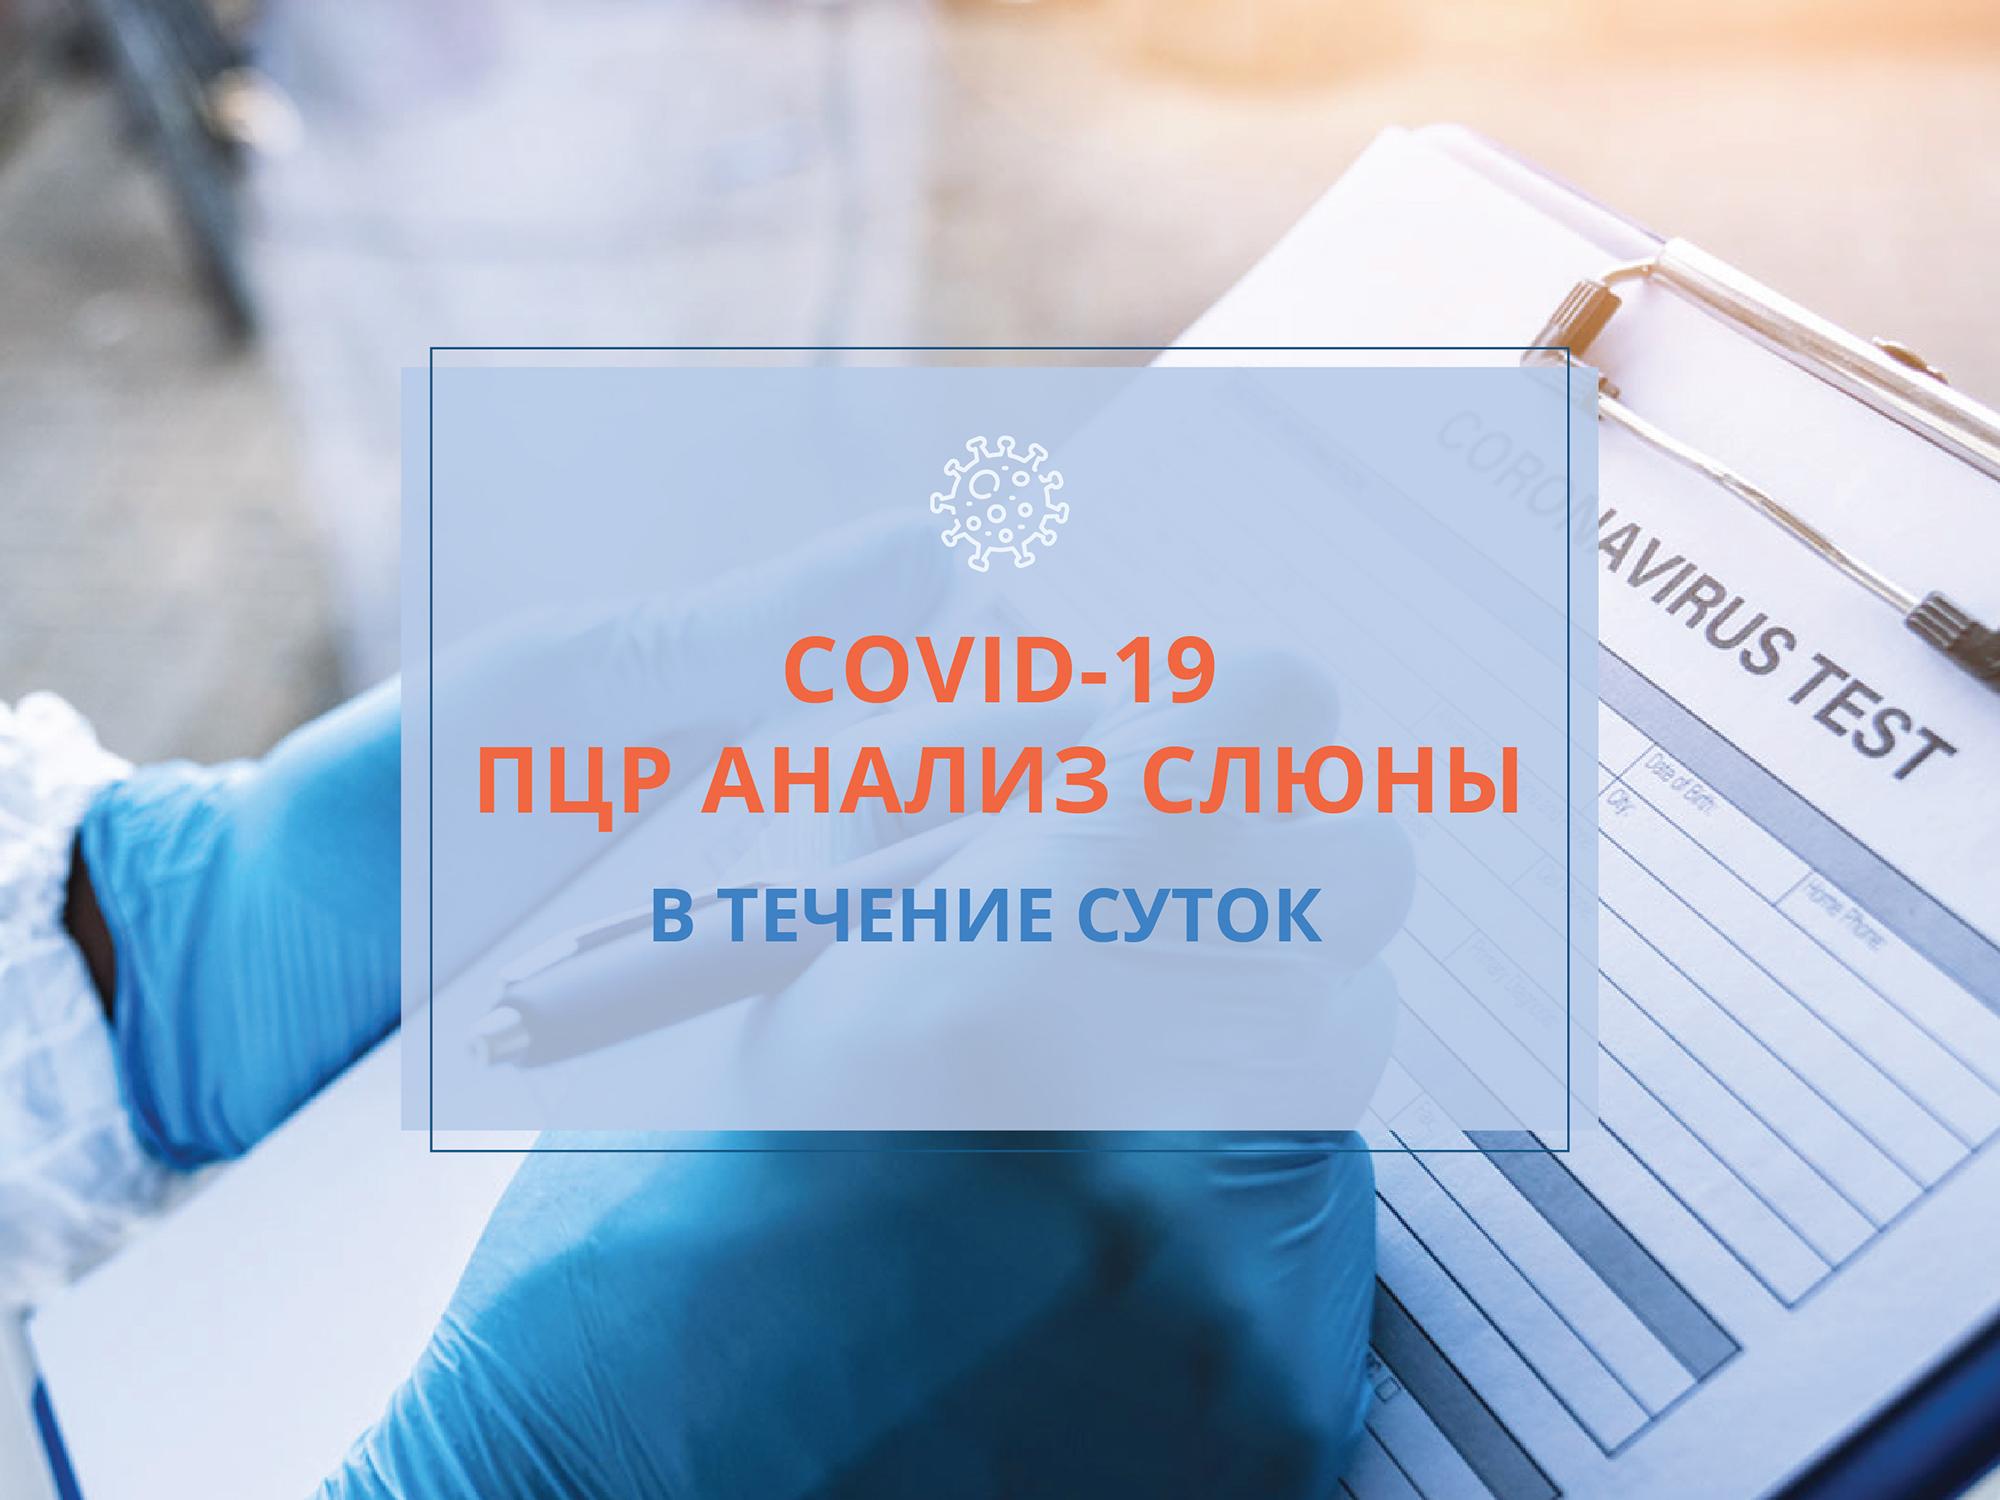 Анализ слюны на COVID-19